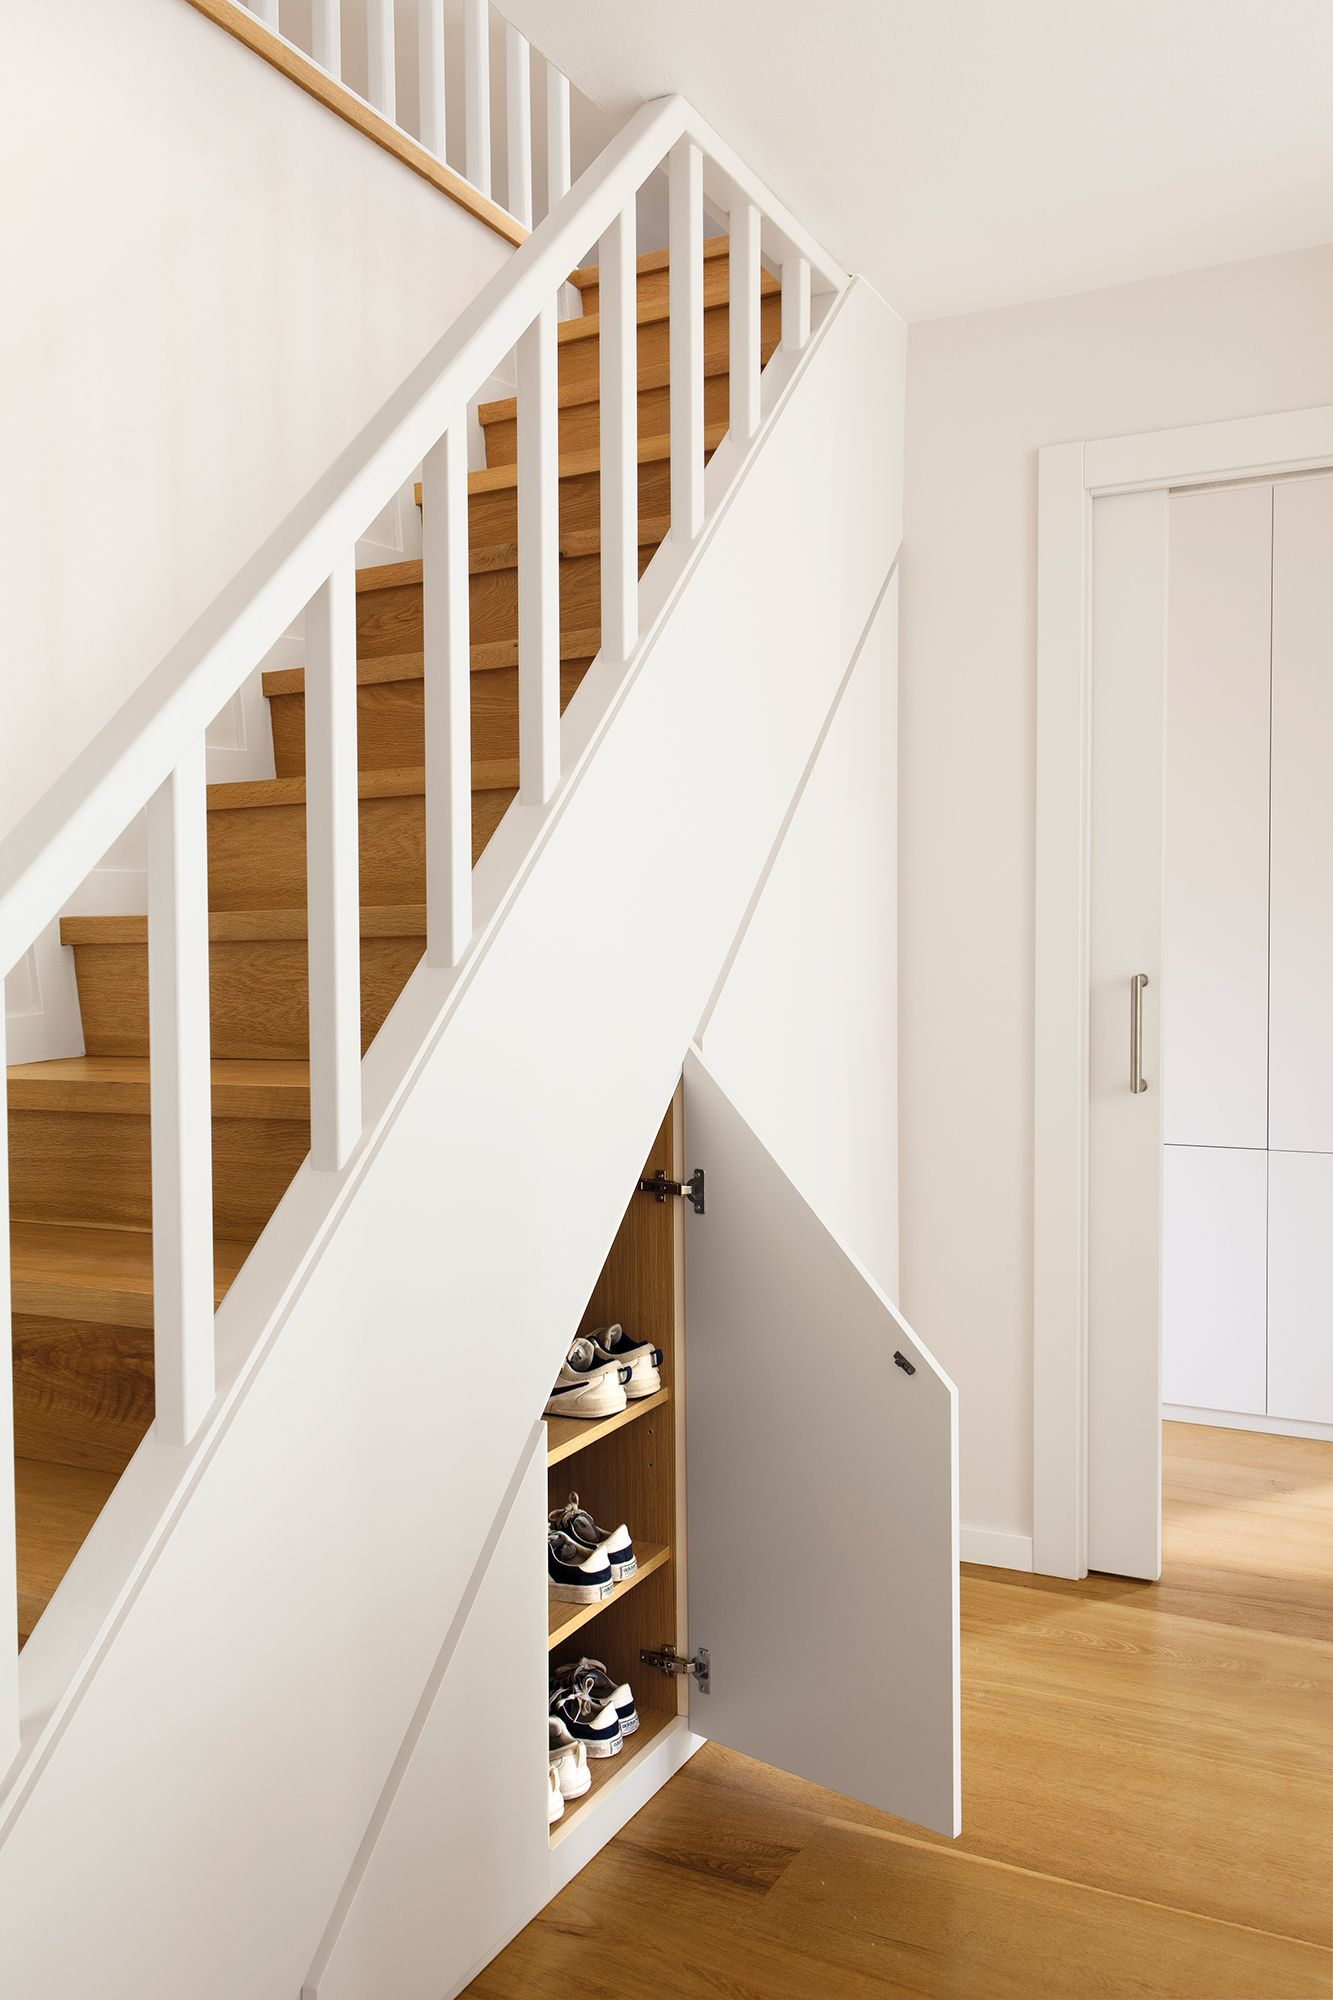 Escalera con pelda os de madera y barandilla blanca for Escalera madera decoracion